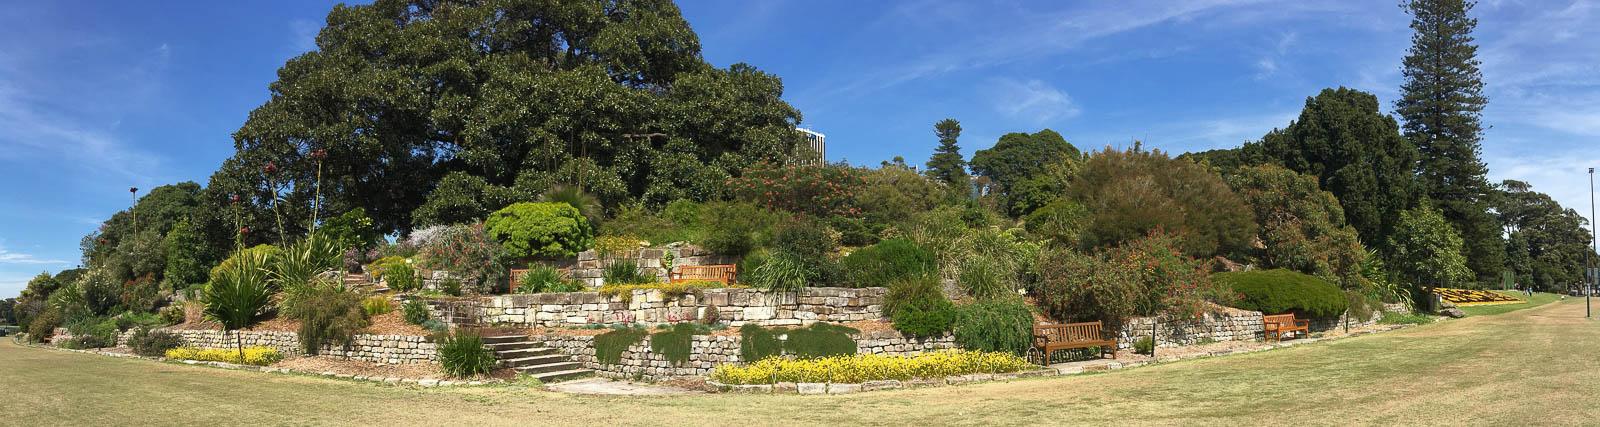 sydney-royal-botanic-gardens1